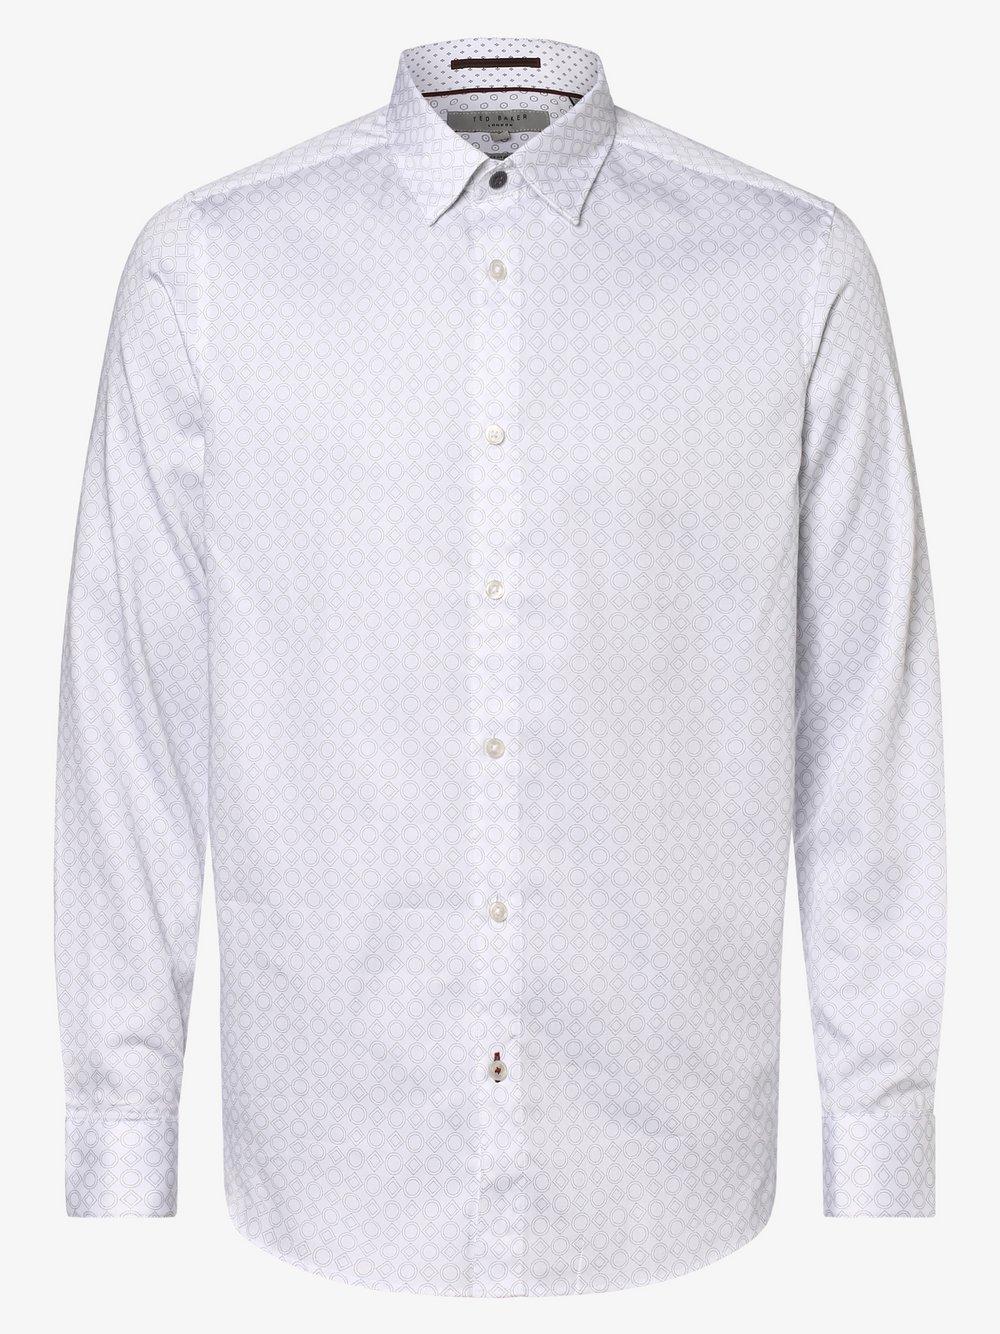 Ted Baker – Koszula męska – Whonos, biały Van Graaf 456184-0001-09920